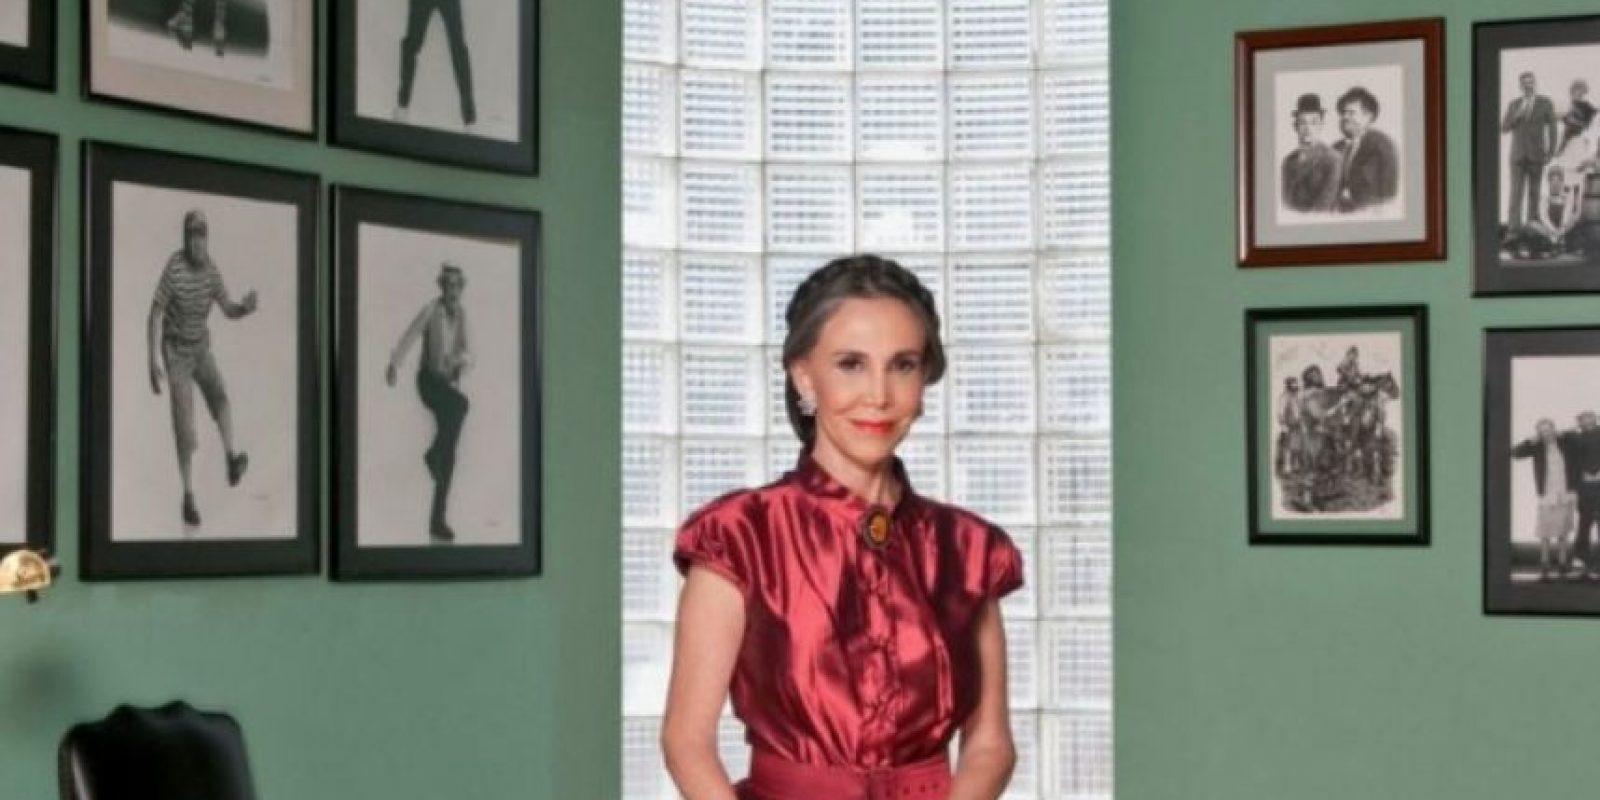 La viuda de Roberto Gómez Bolaños, Florinda Meza, sigue desconsolada a un año del fallecimiento del humorista mexicano. Foto:Vía Twitter/@FlorindaMezaCH